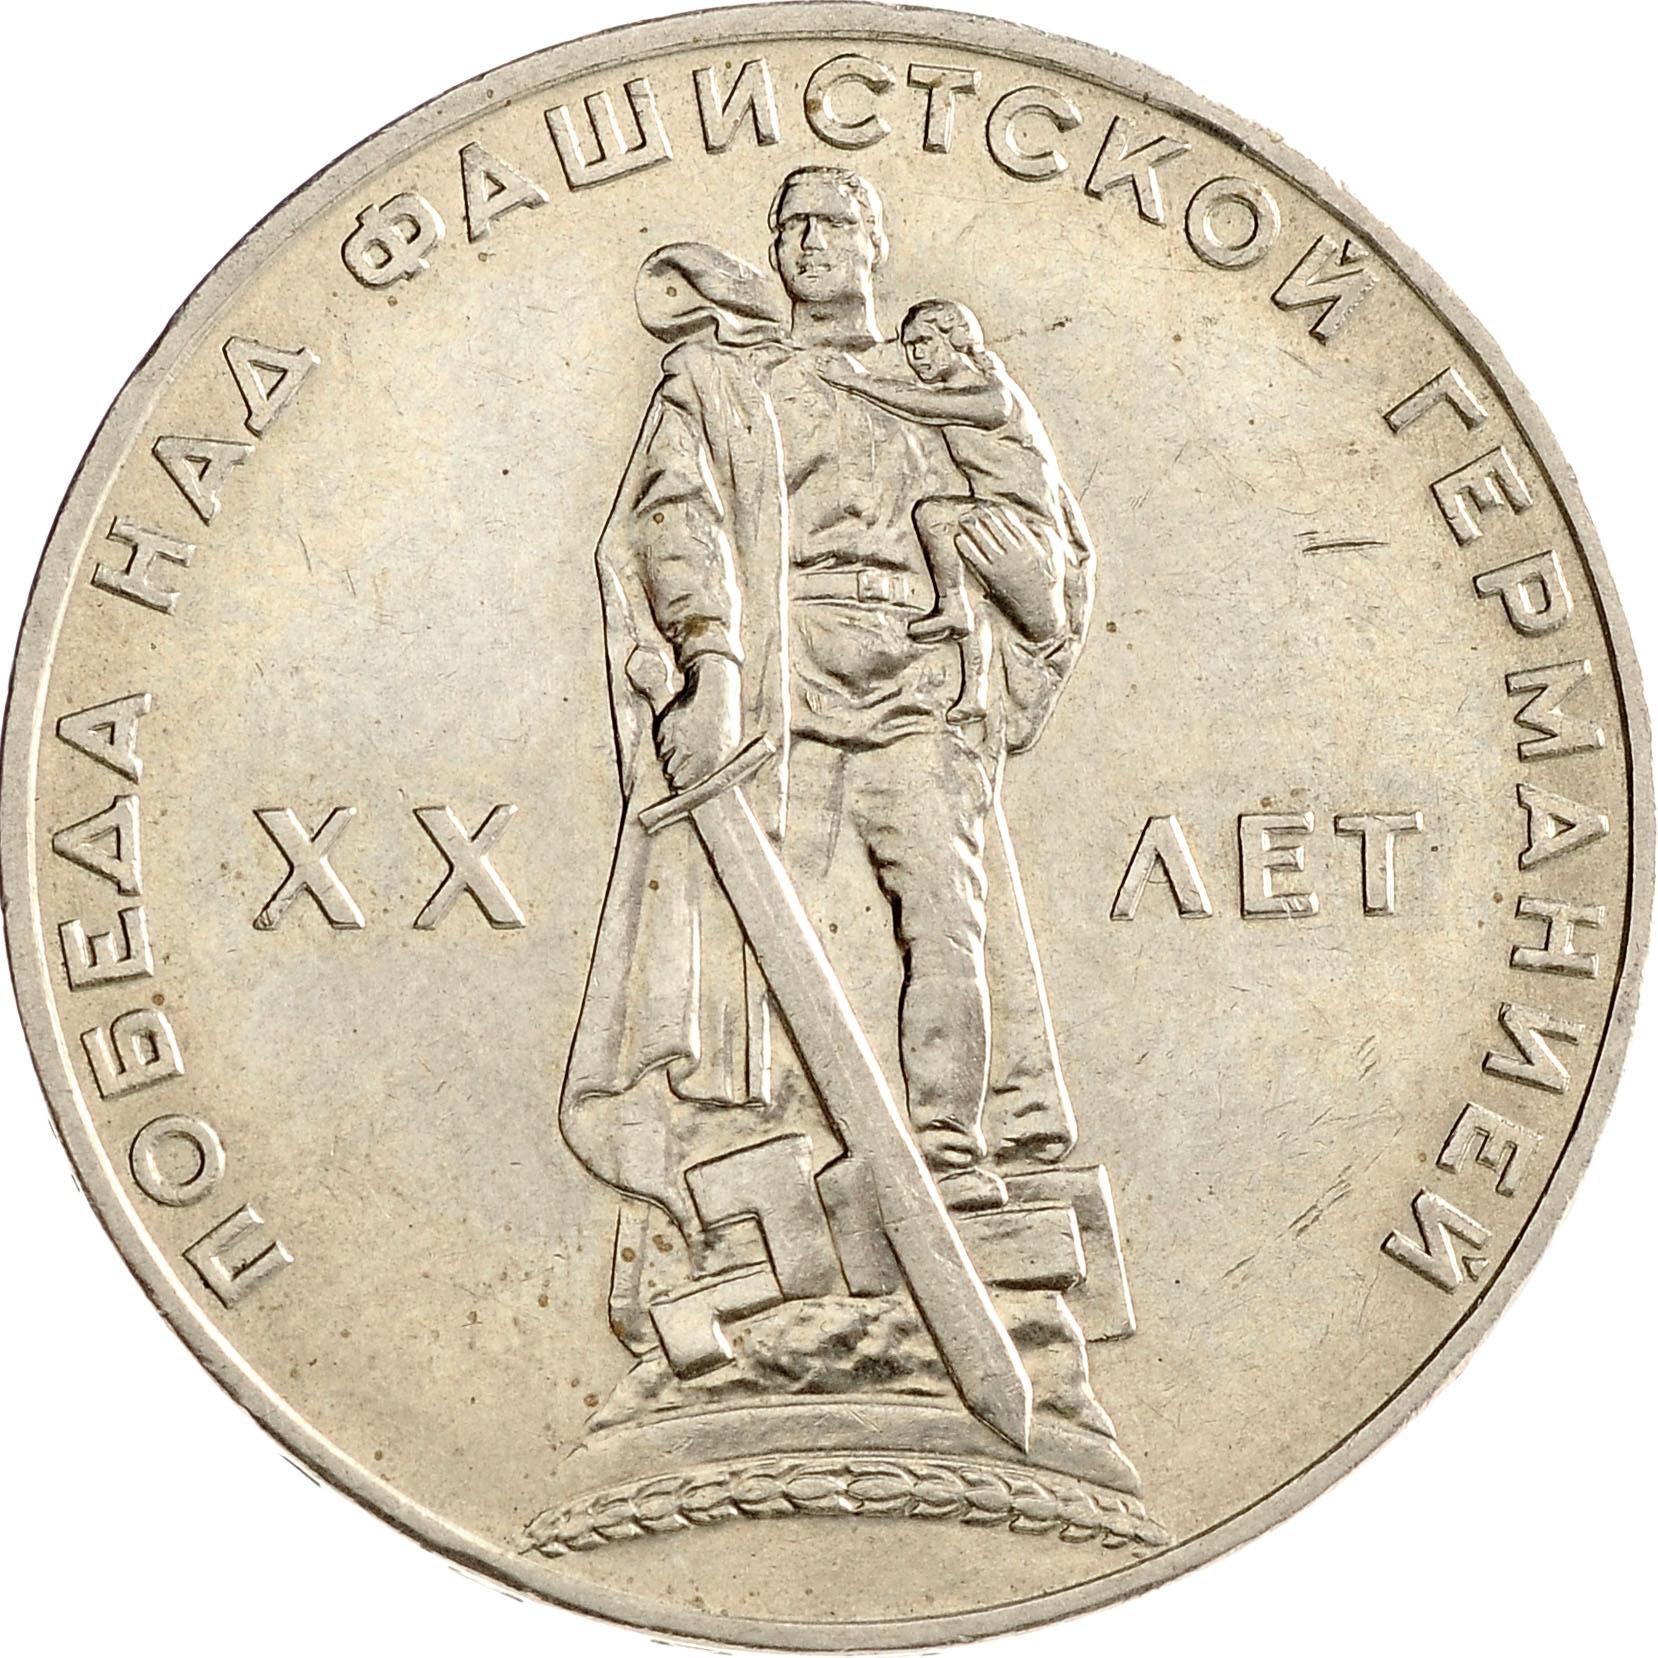 1 рубль - Победа-20